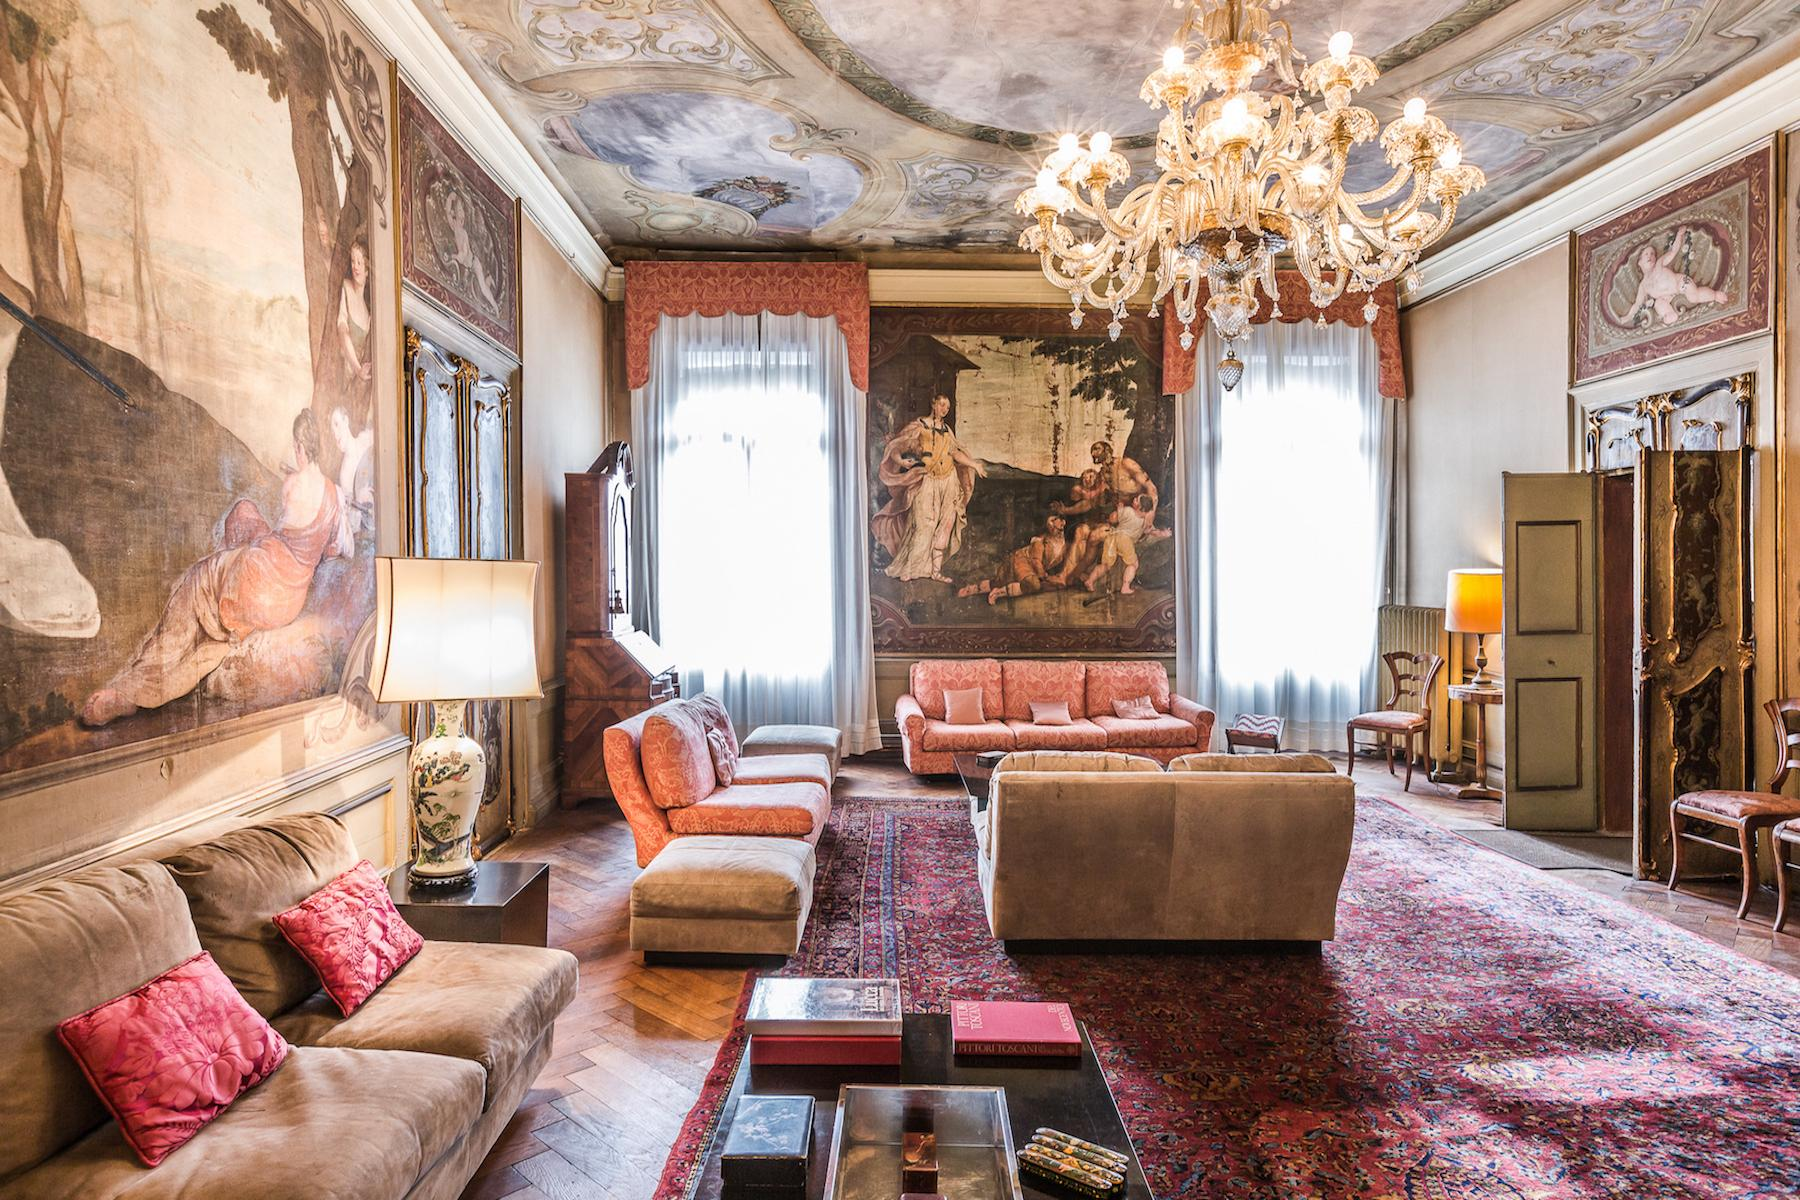 Wunderschöne Wohnung im Santo Stefano Stadtviertel - 5